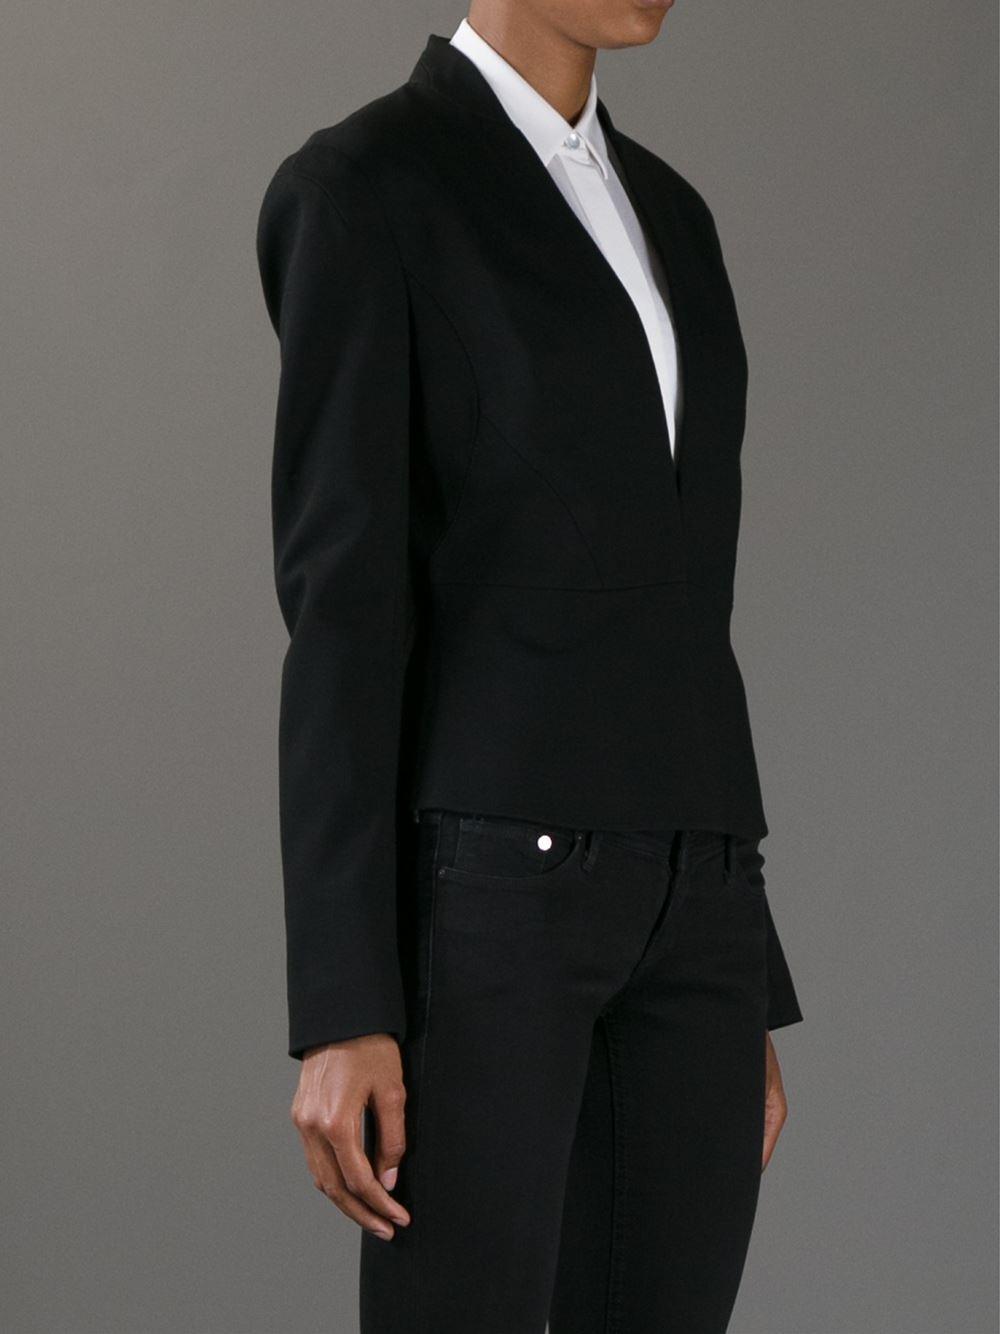 Americana Diane Von Fustenberg